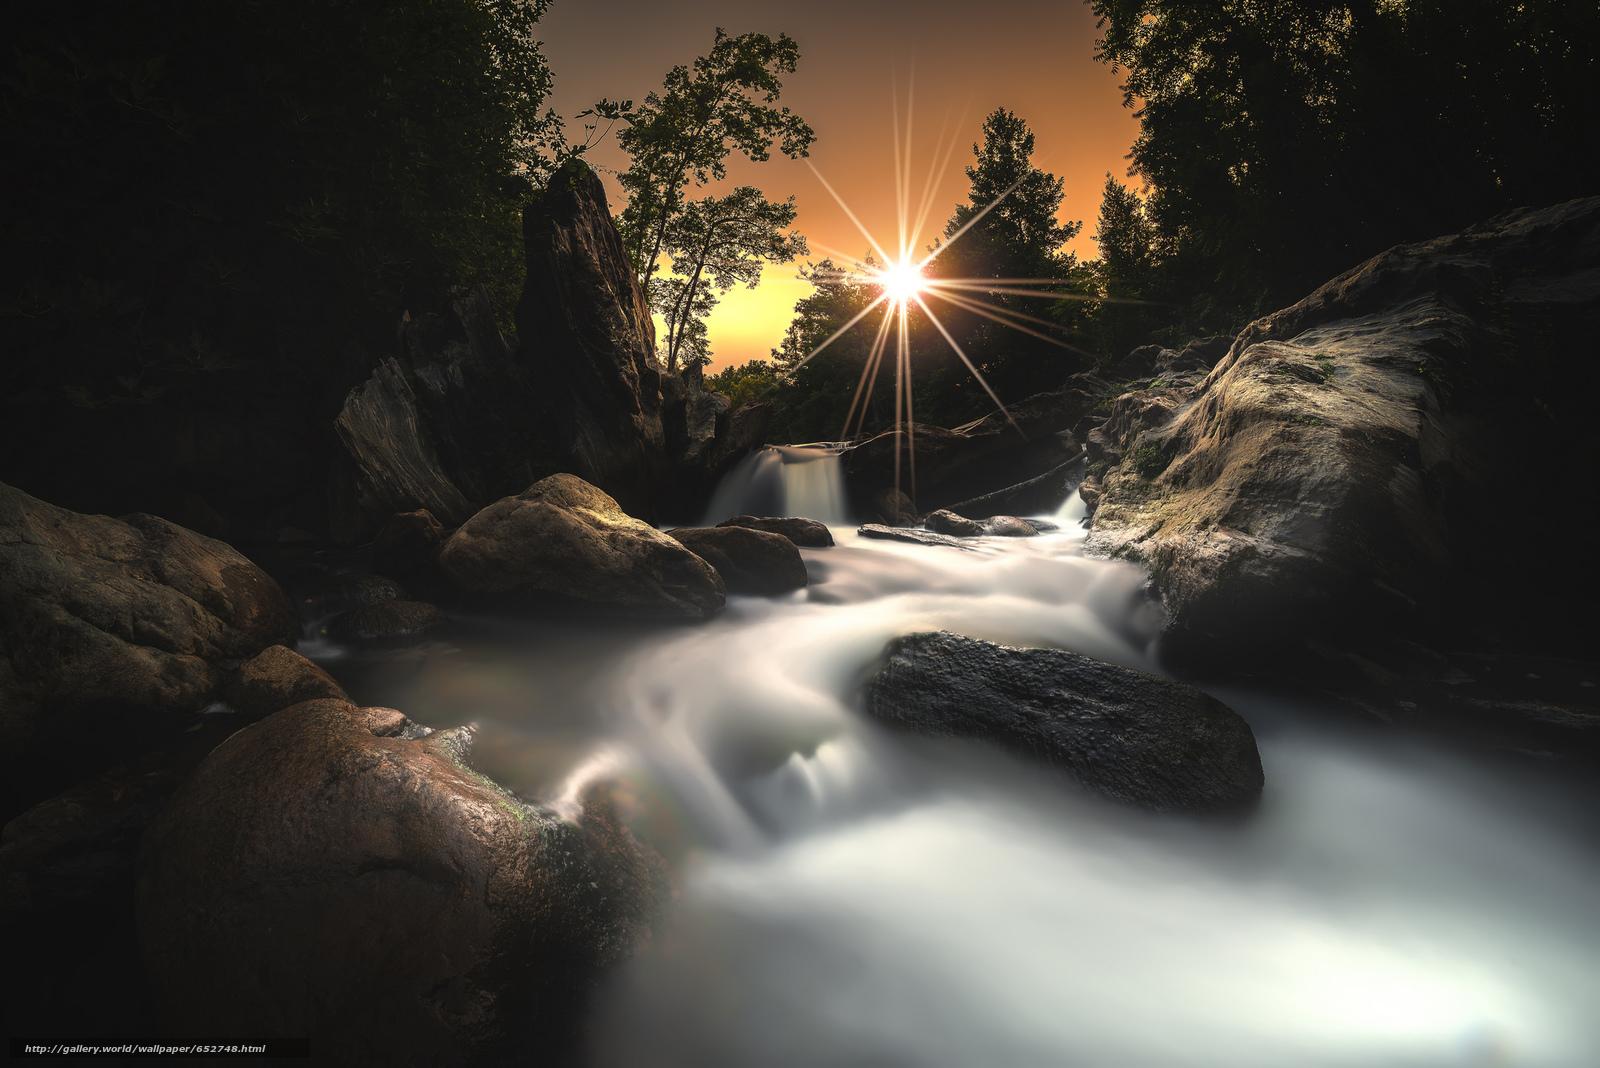 Скачать обои водопад,  солнце,  камни бесплатно для рабочего стола в разрешении 2048x1367 — картинка №652748